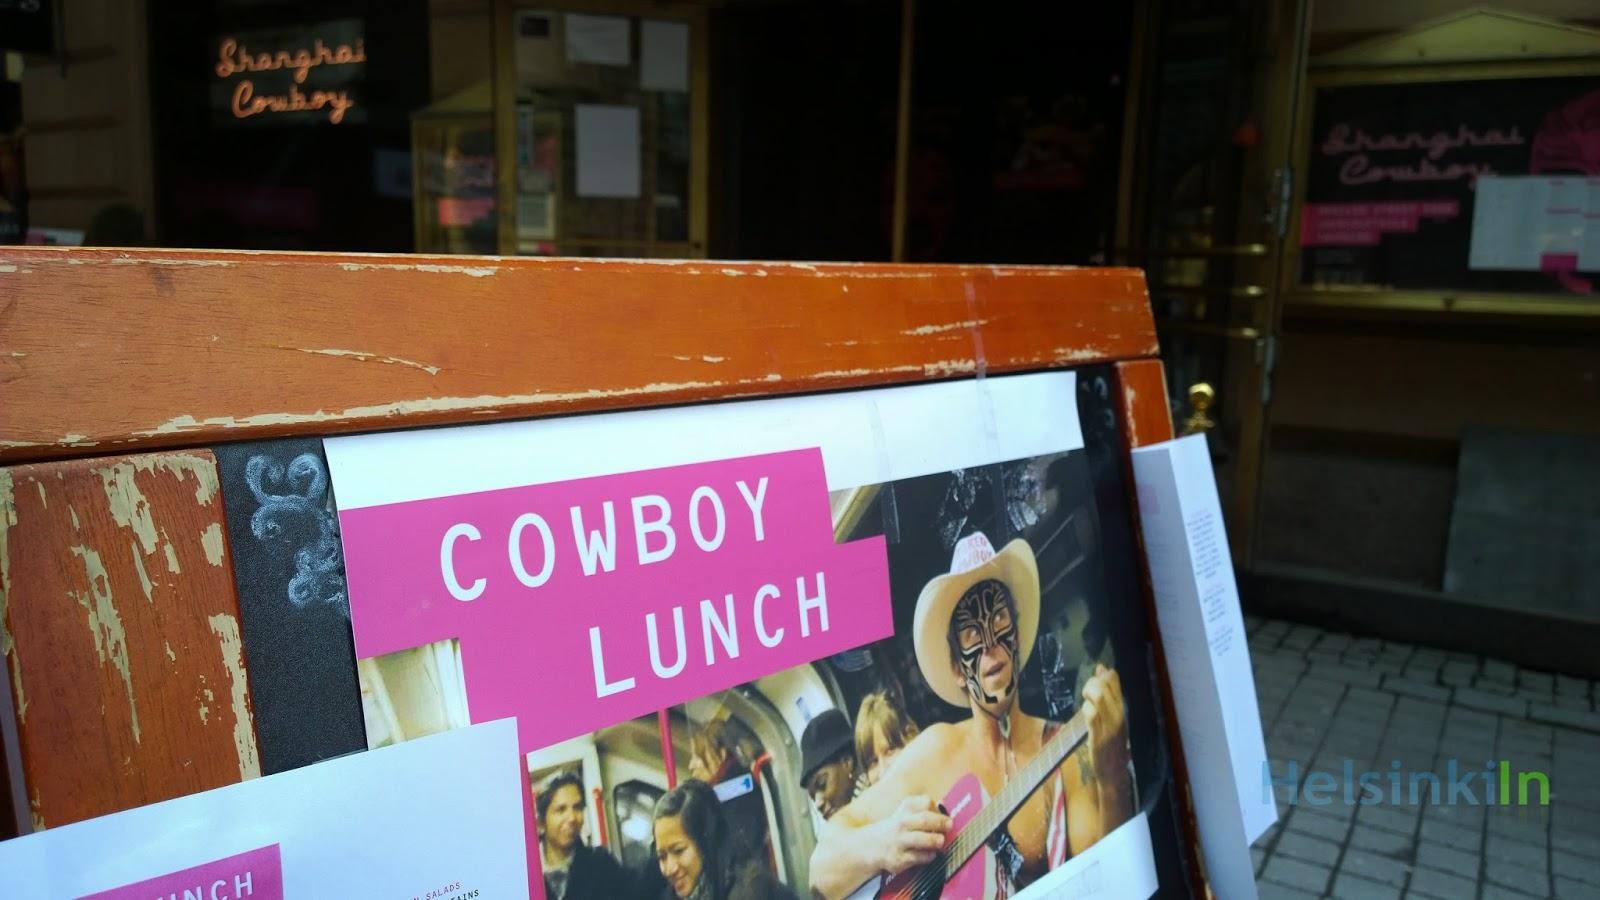 Cowboy Lunch